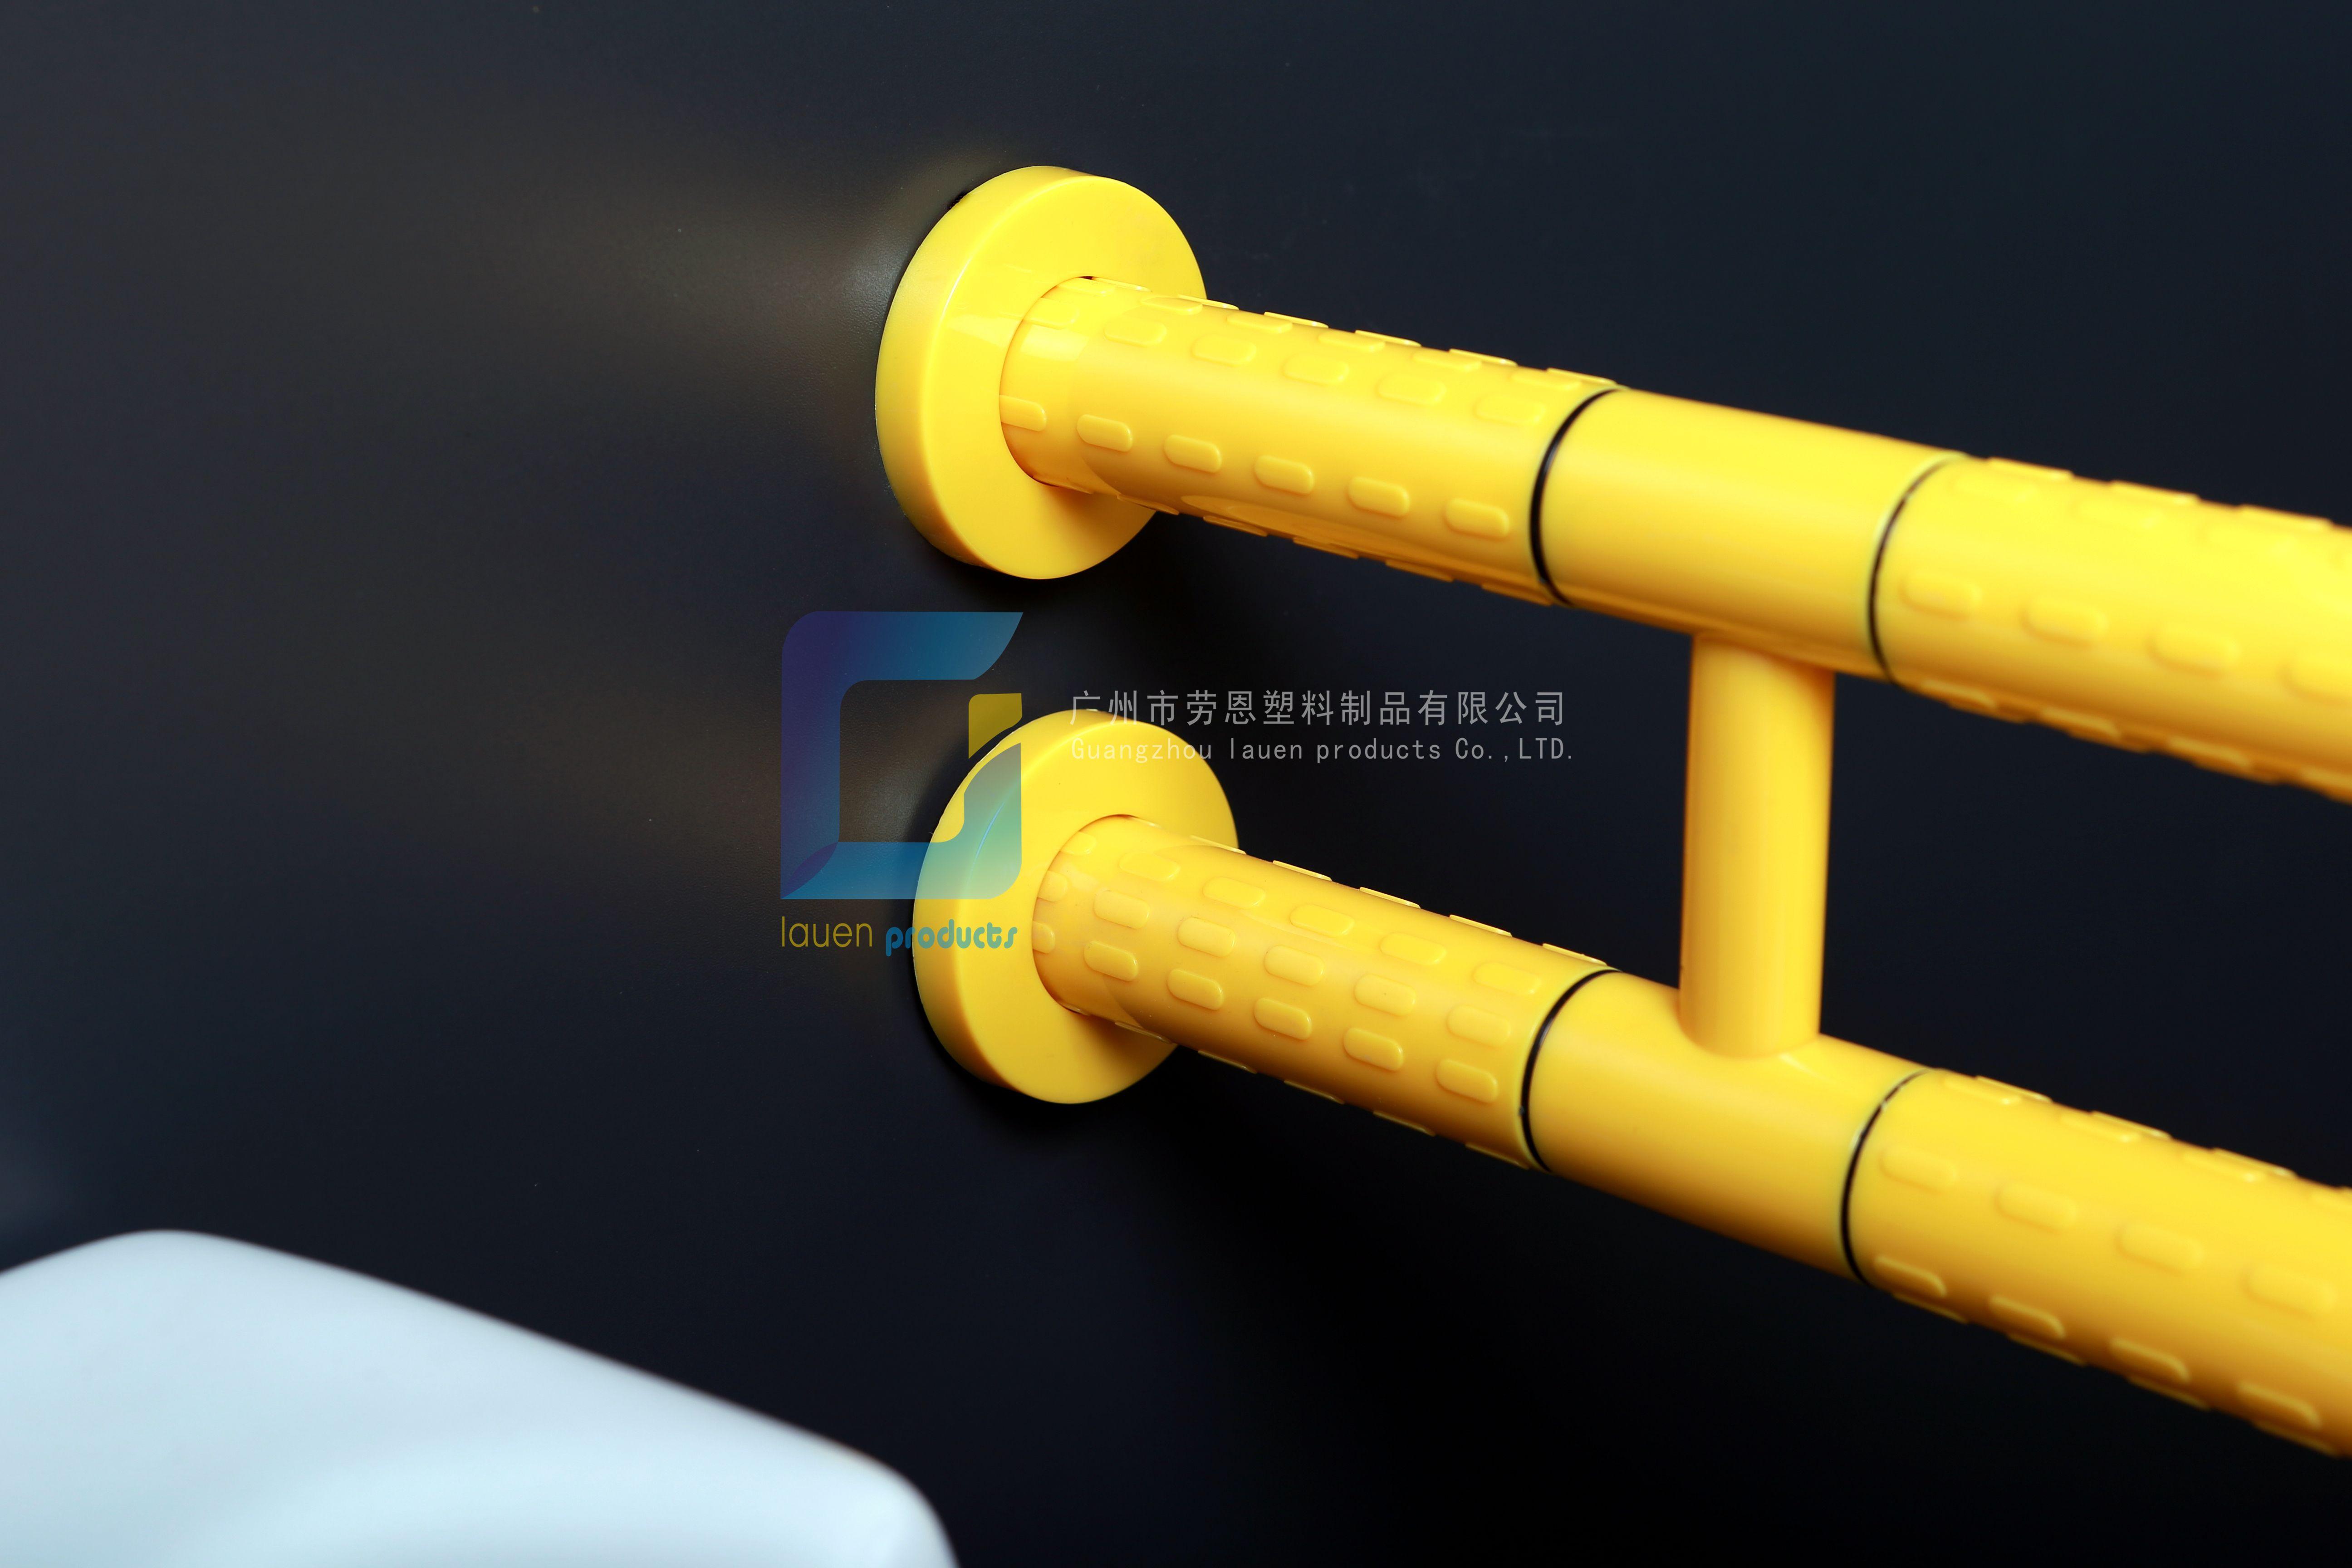 U型落地帶小腳洗手盆安全扶手LE-W22-1黃色-勞恩塑料制品